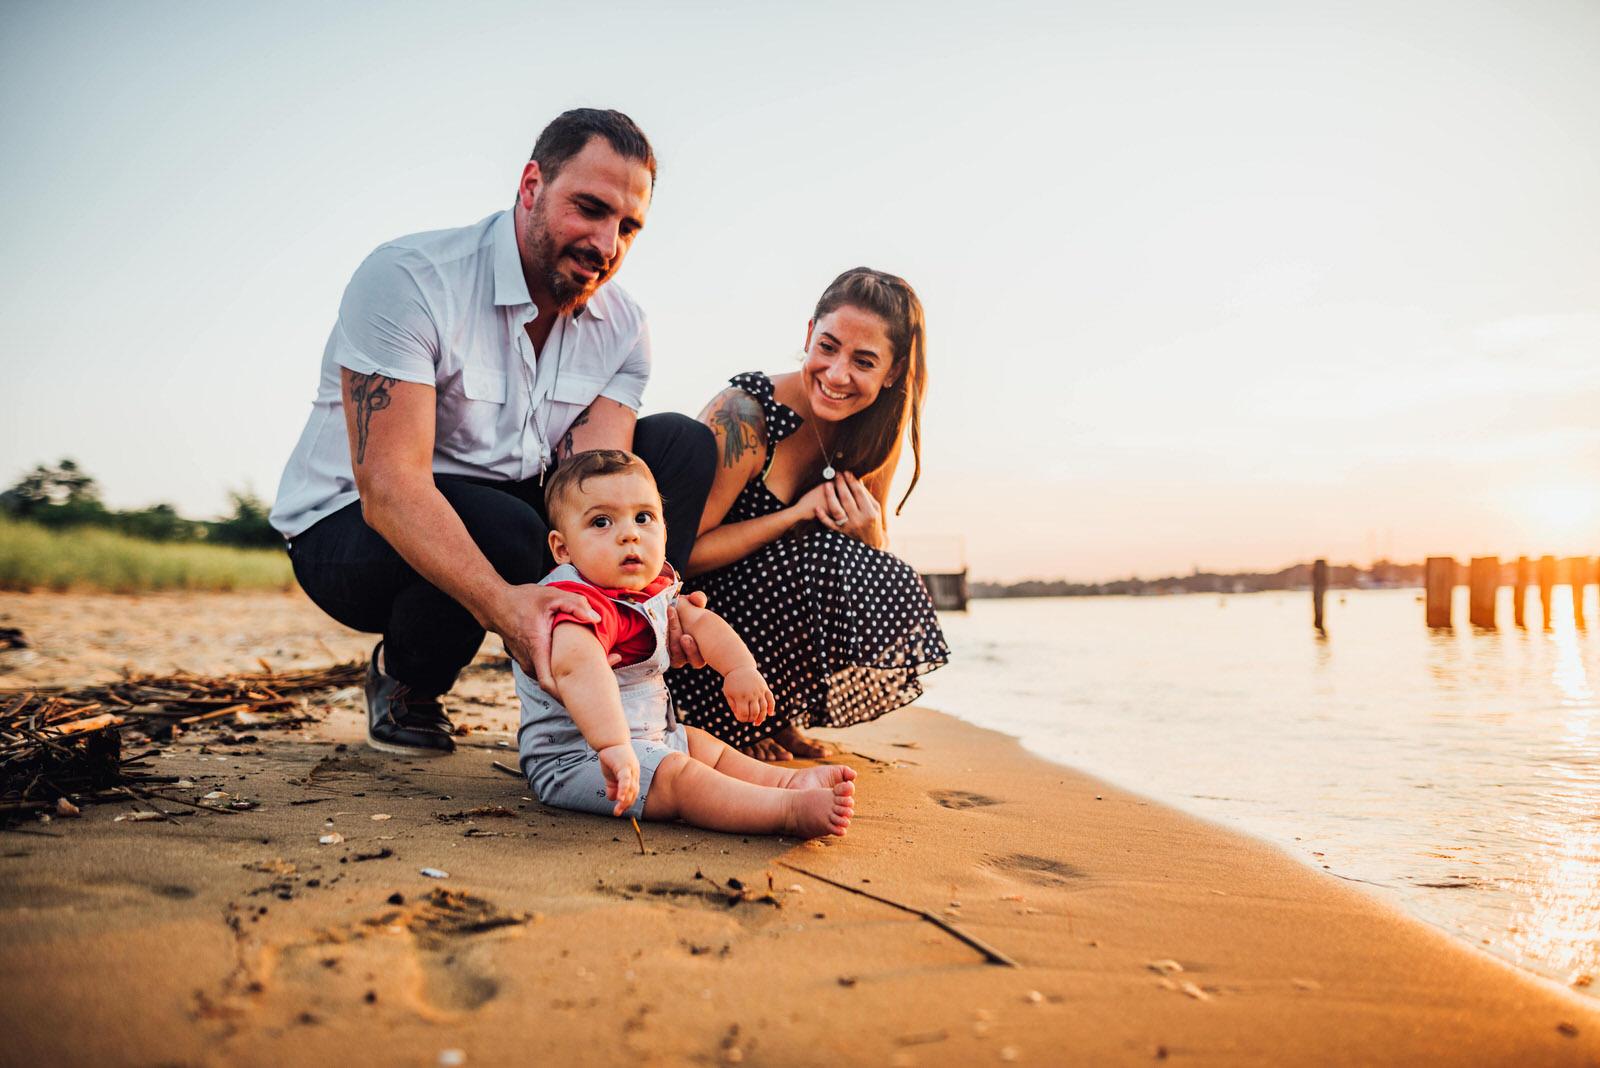 Beach family photo shoot ideas